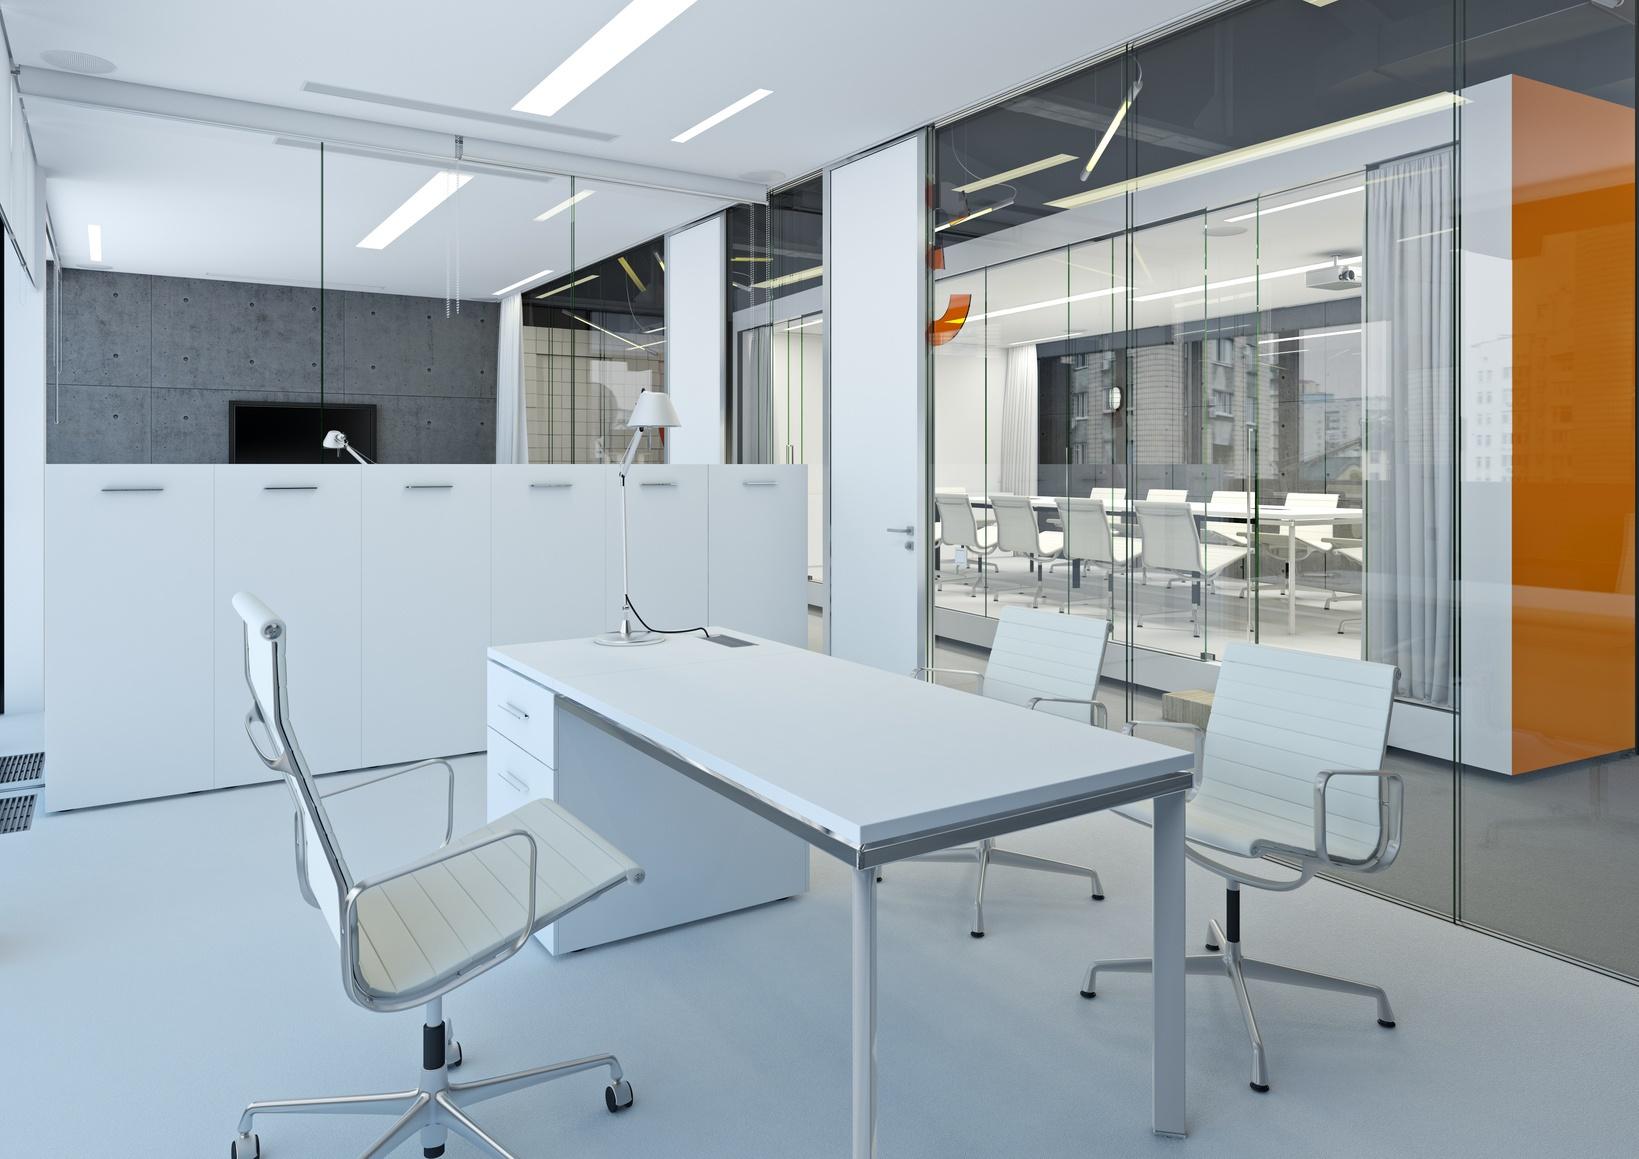 Reforma integral de locales y oficinas for Office space design quarter